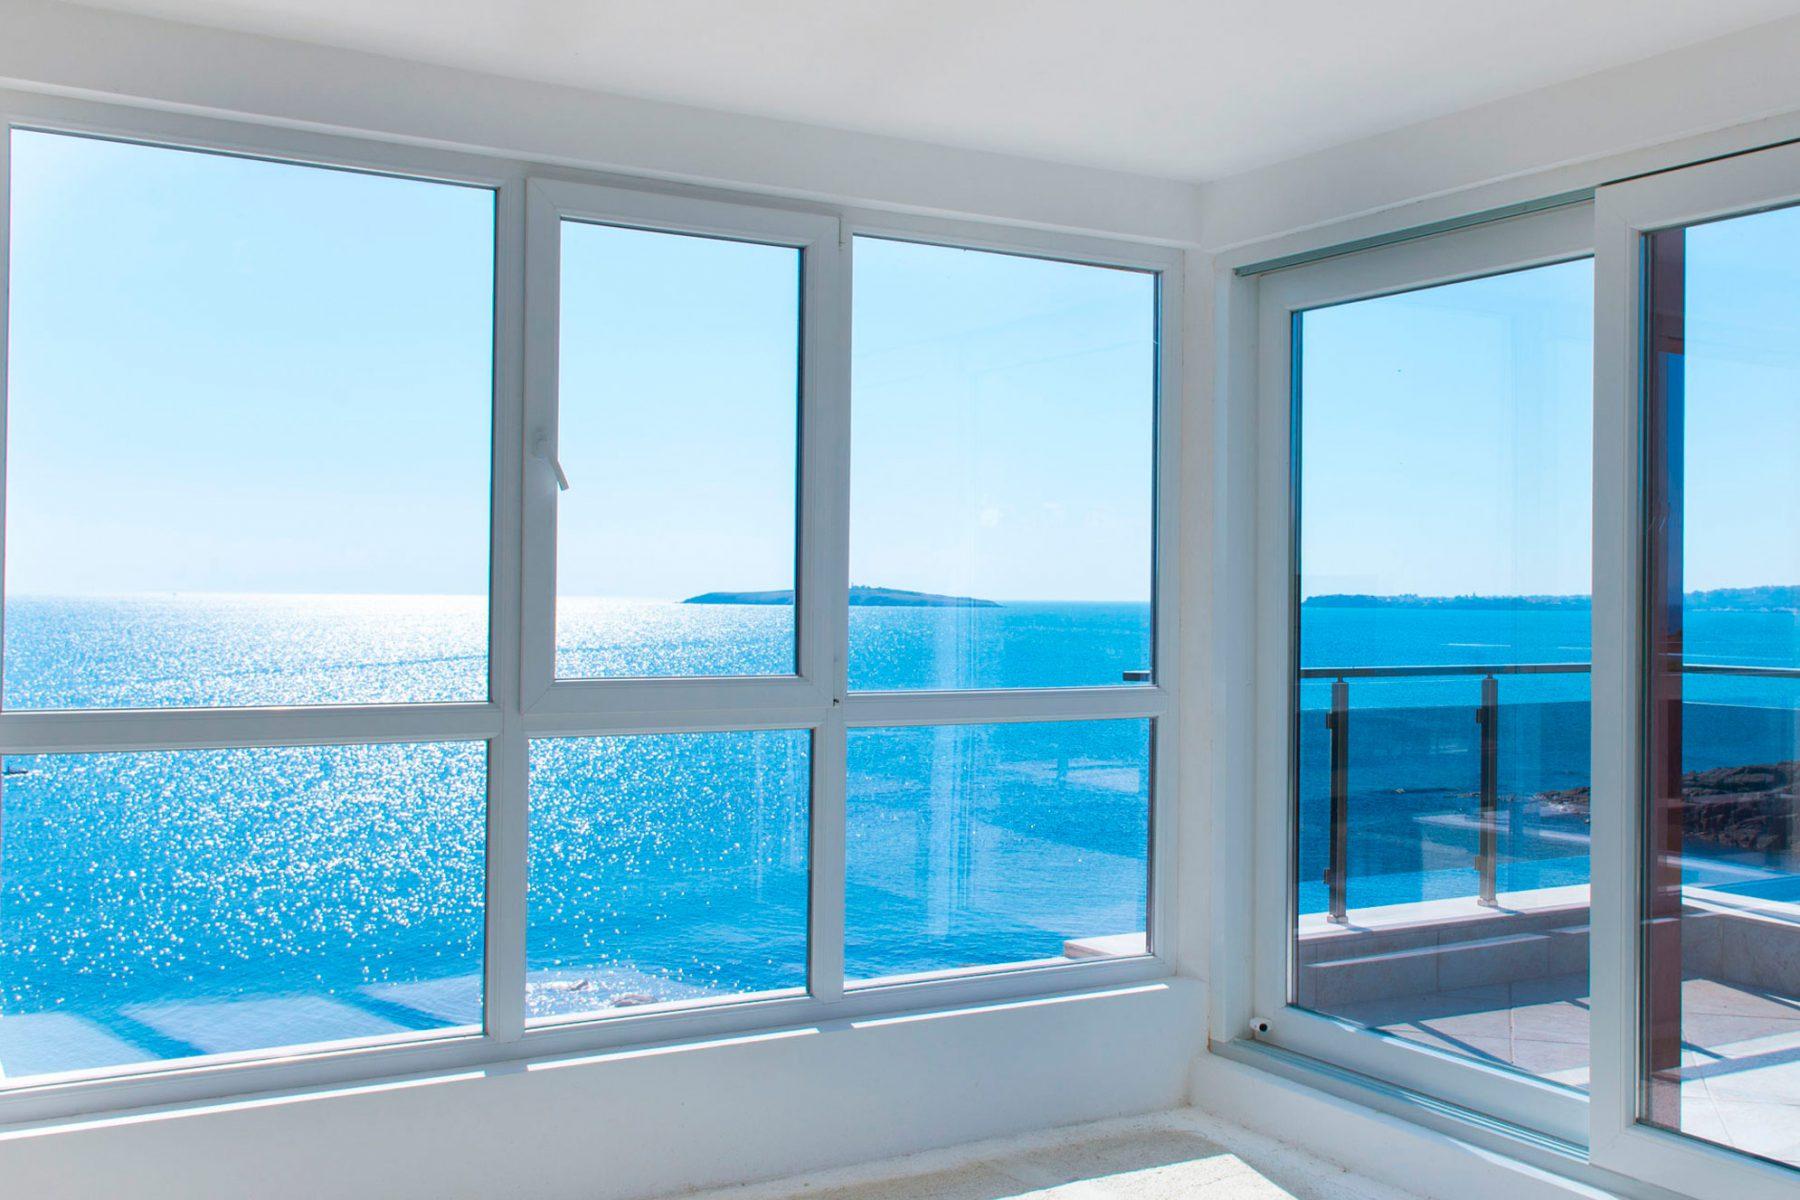 Ventanas de aluminio y pvc en mallorca ventanas mv for Ventanas pvc mallorca